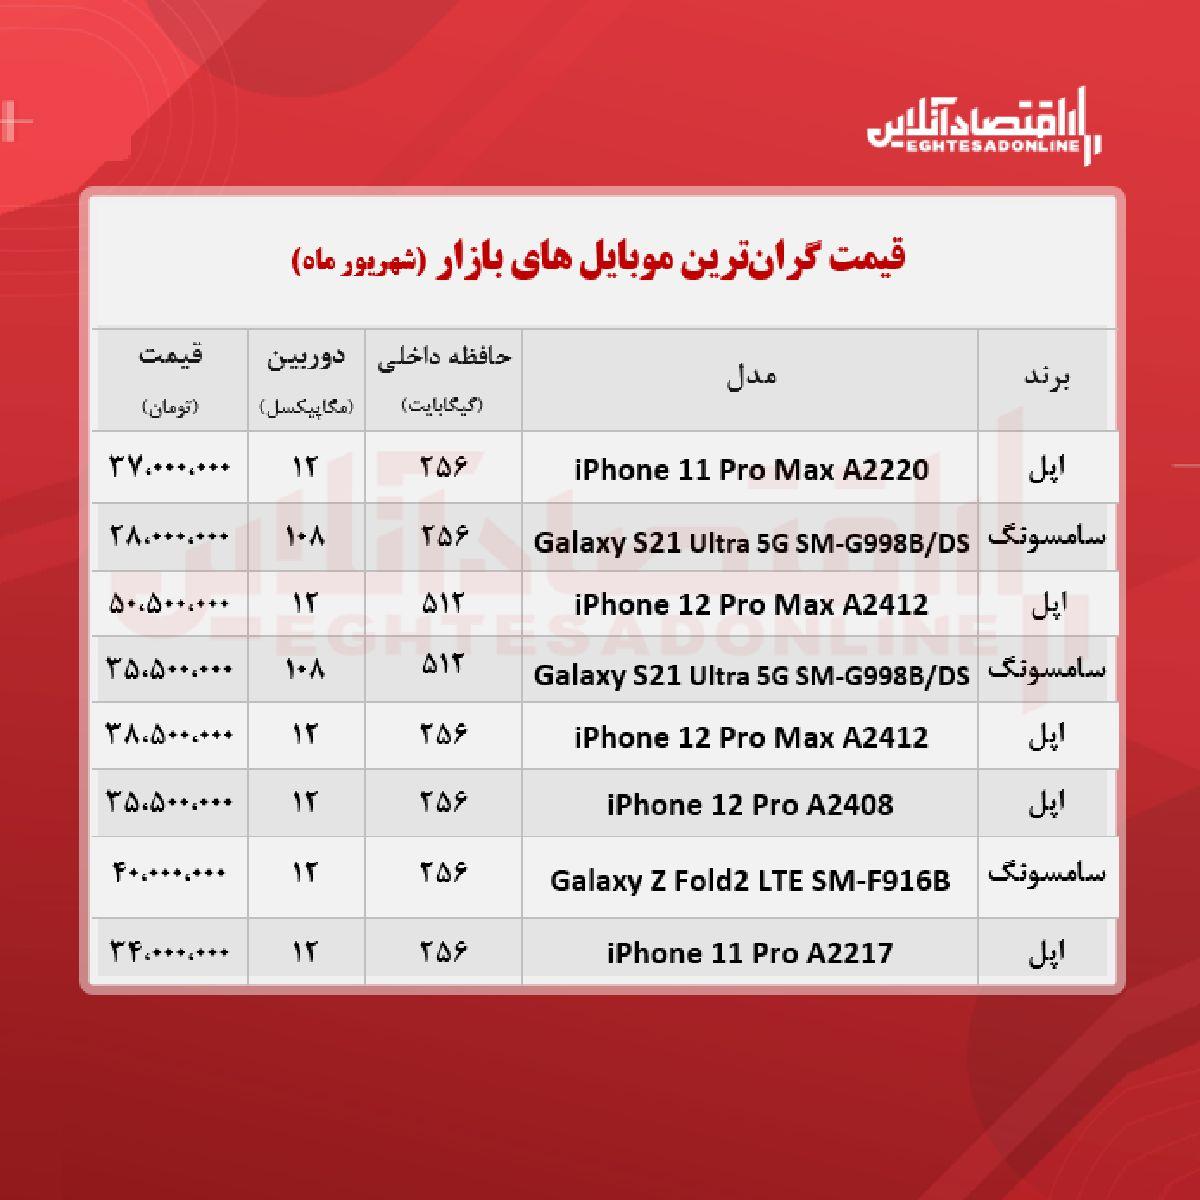 قیمت گران ترین گوشی های بازار / ۷ شهریور